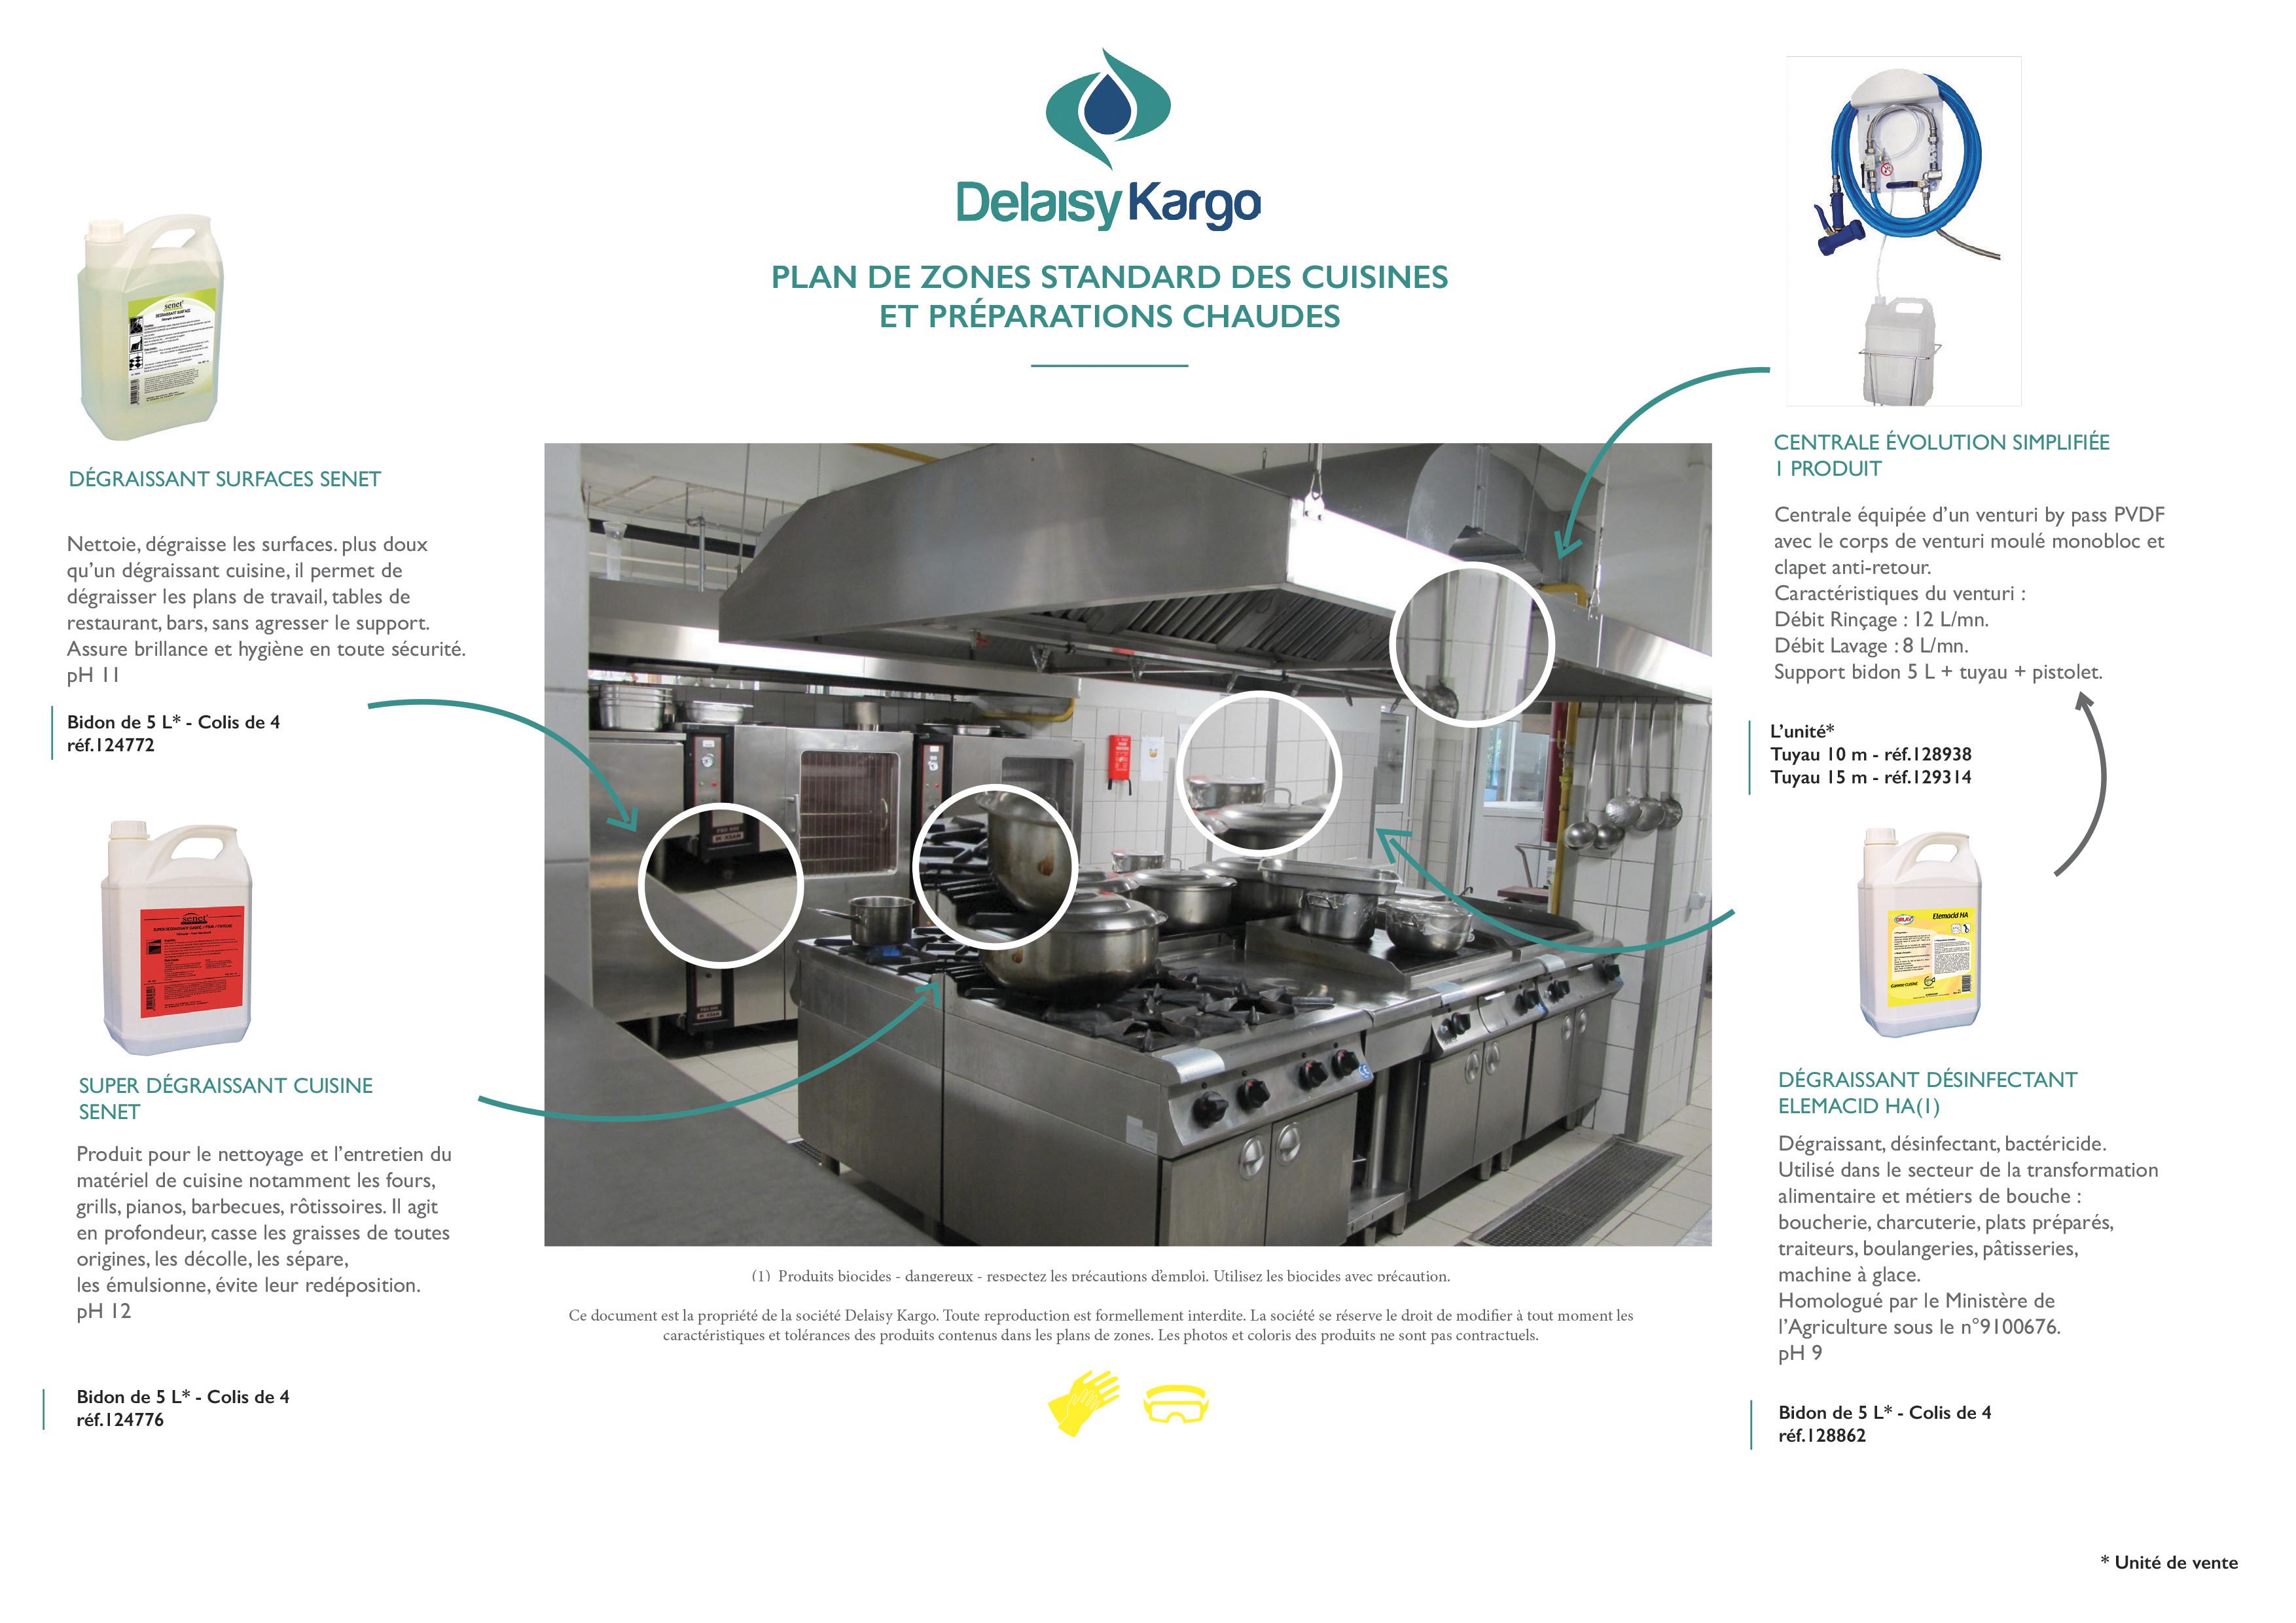 Cuisine_pr%C3%A9paration_chaude_standard